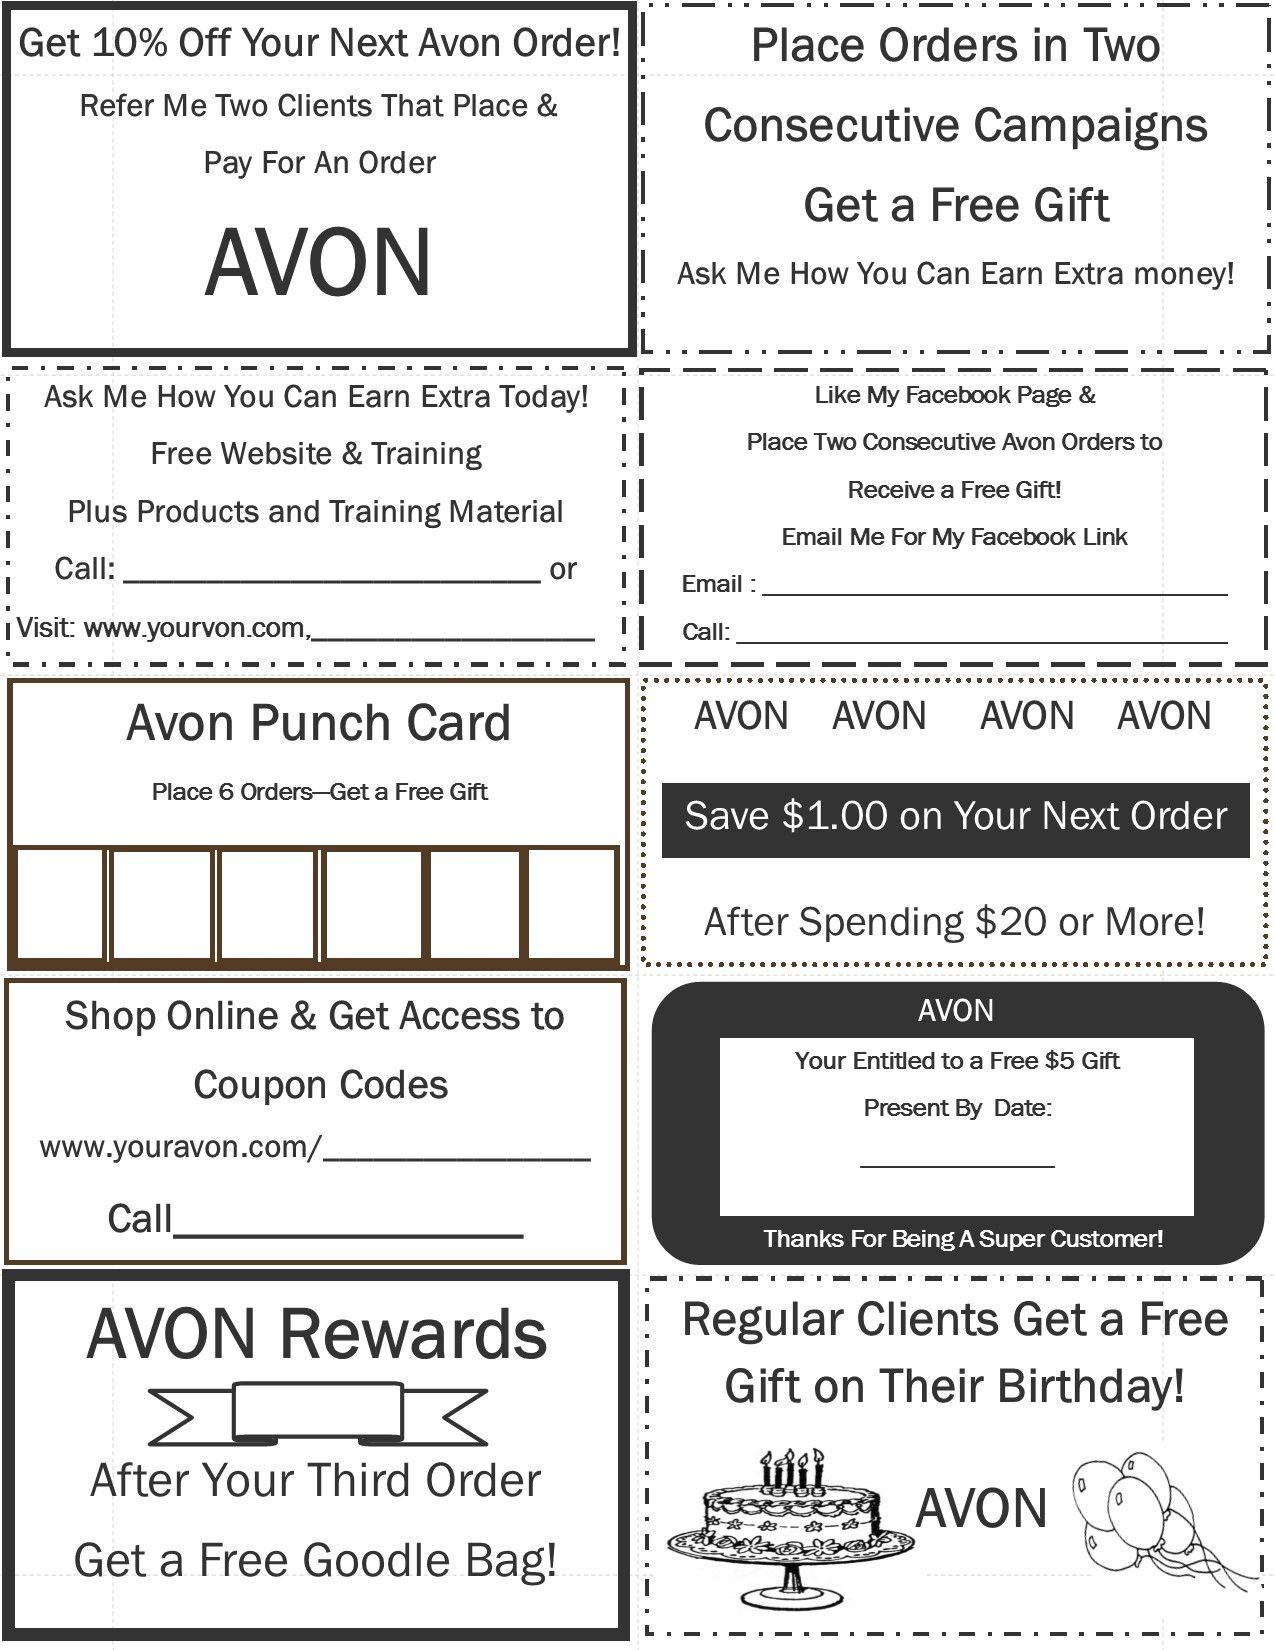 Www.youravon/colleengaffney | Avon In 2019 | Pinterest | Avon - Free Printable Avon Flyers